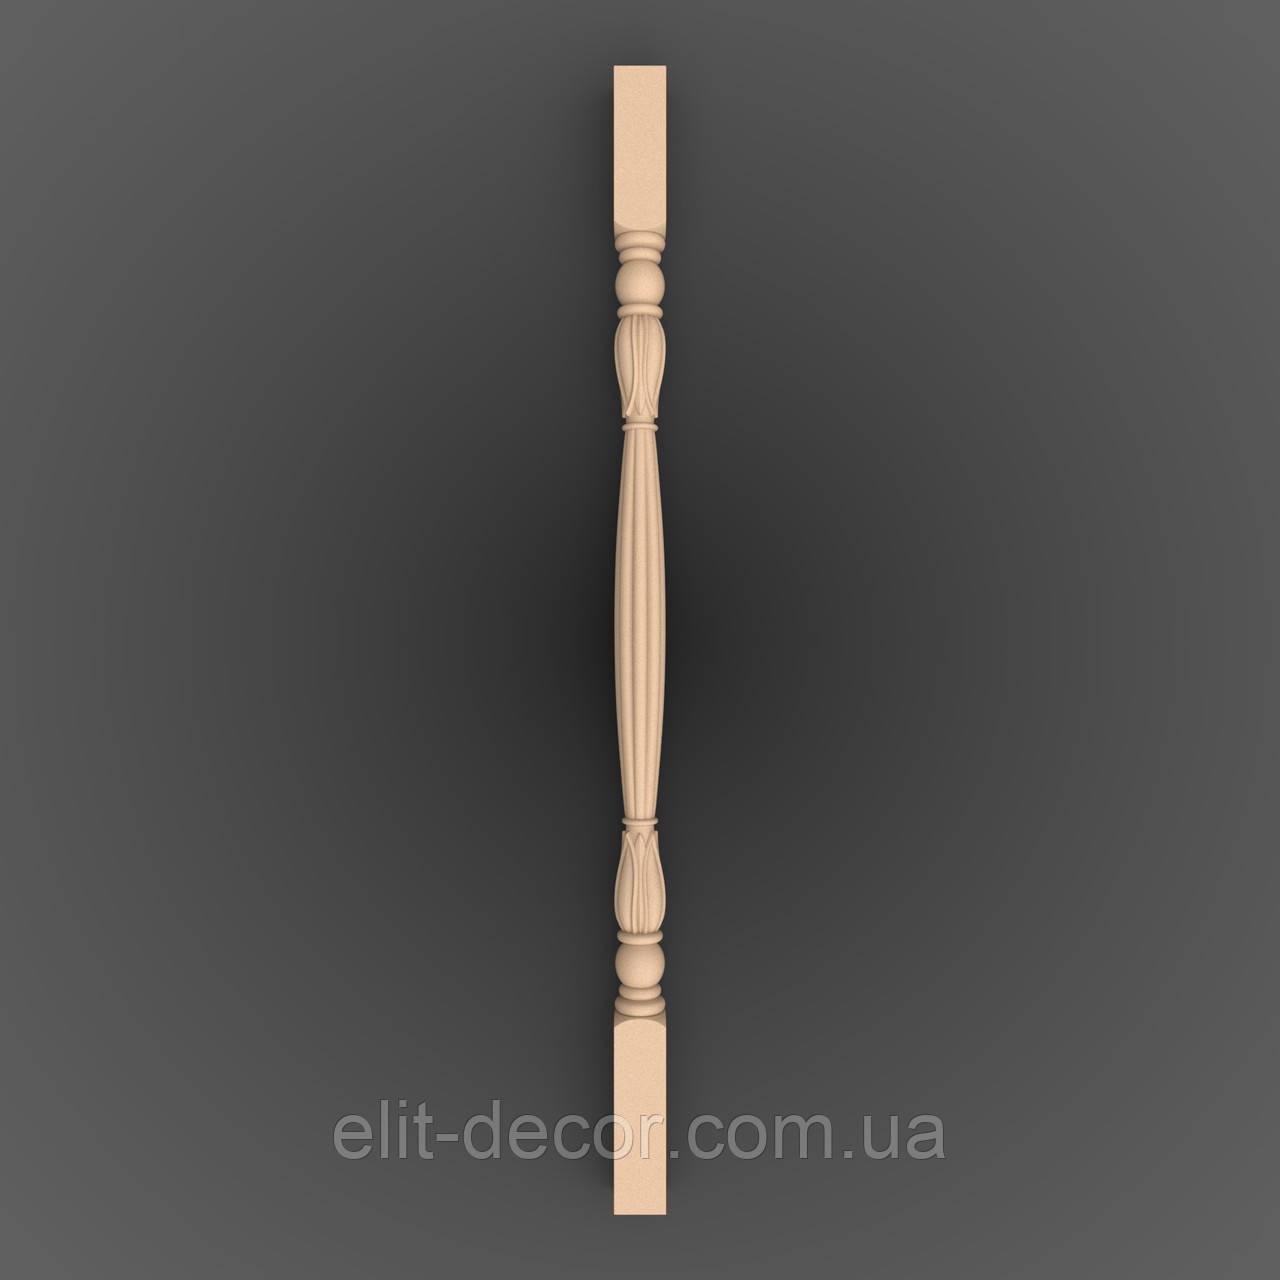 Різьблена опора. Балясина дерев'яна. 900x50x50. LB-018